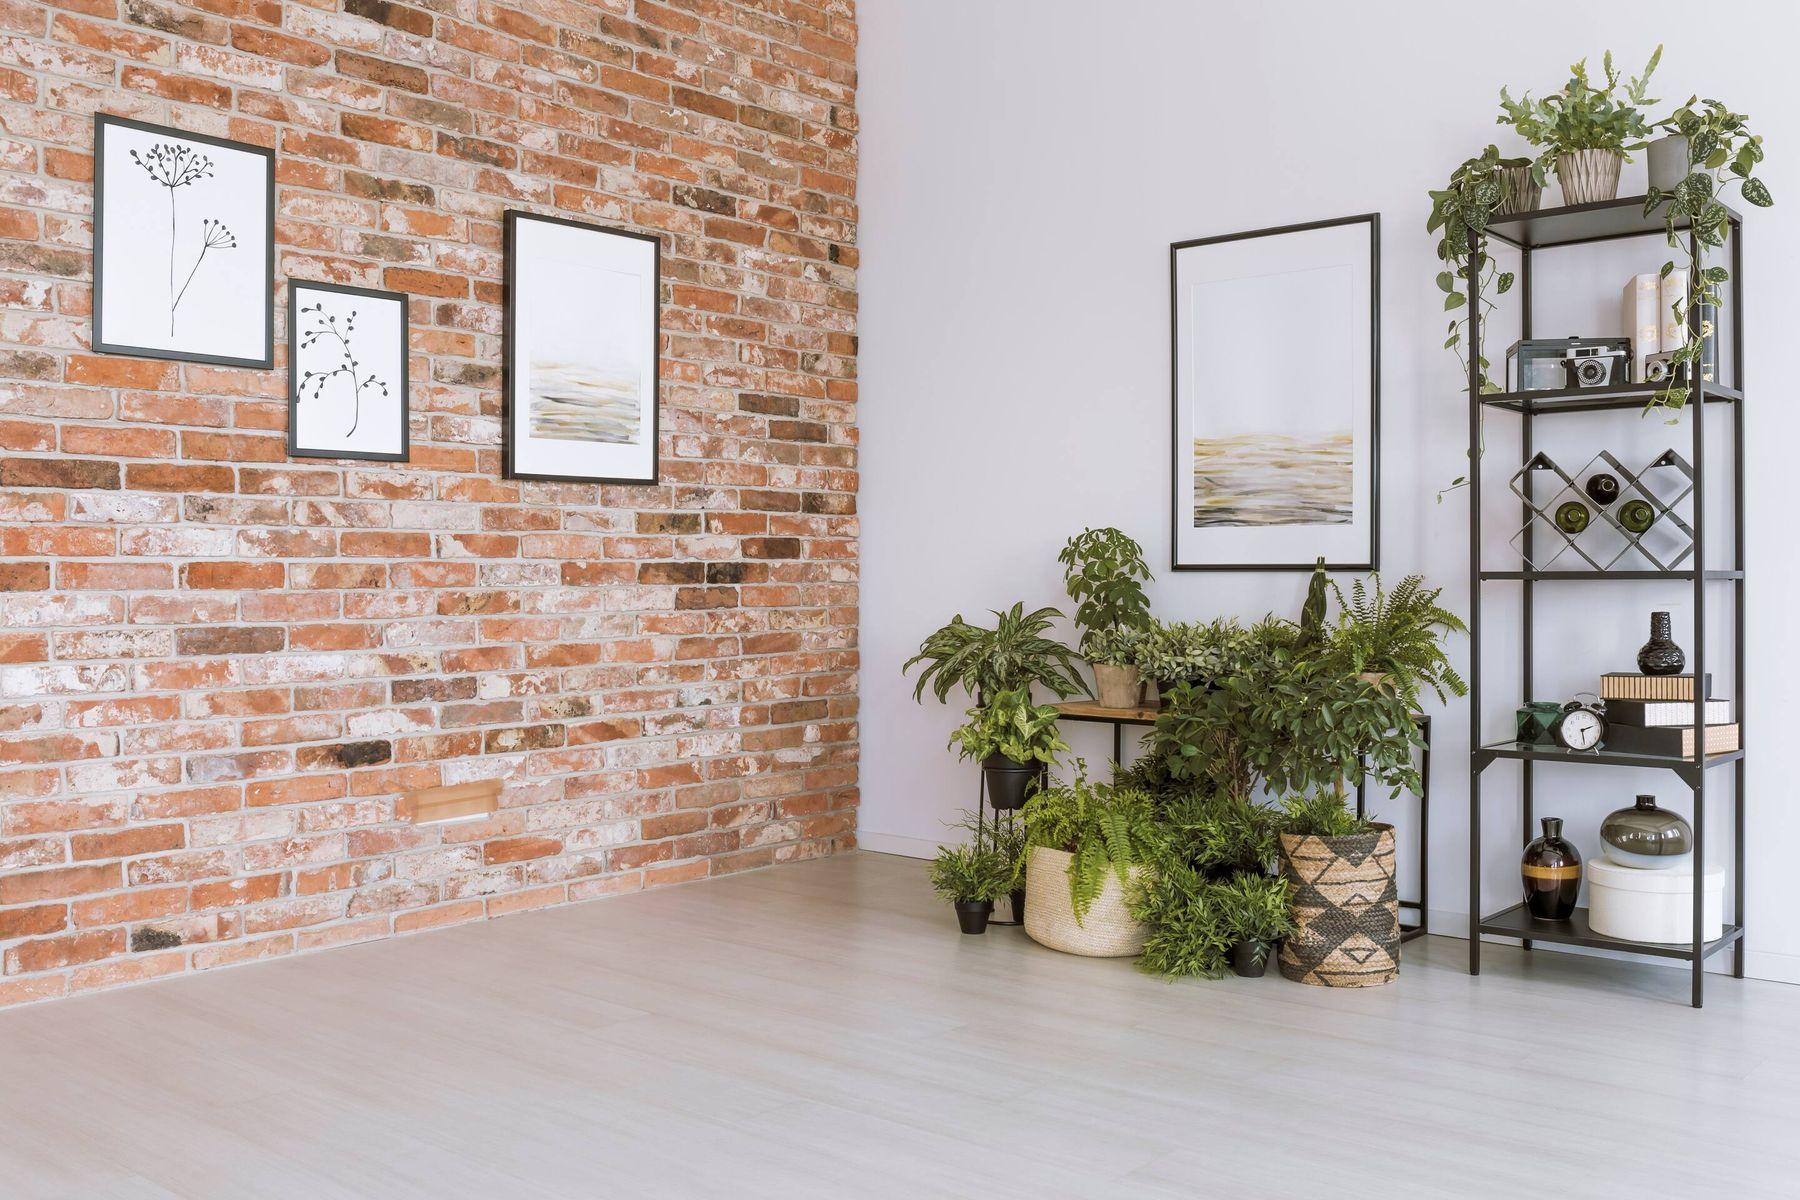 Mẫu trang trí phòng khách nhà ống đơn giản